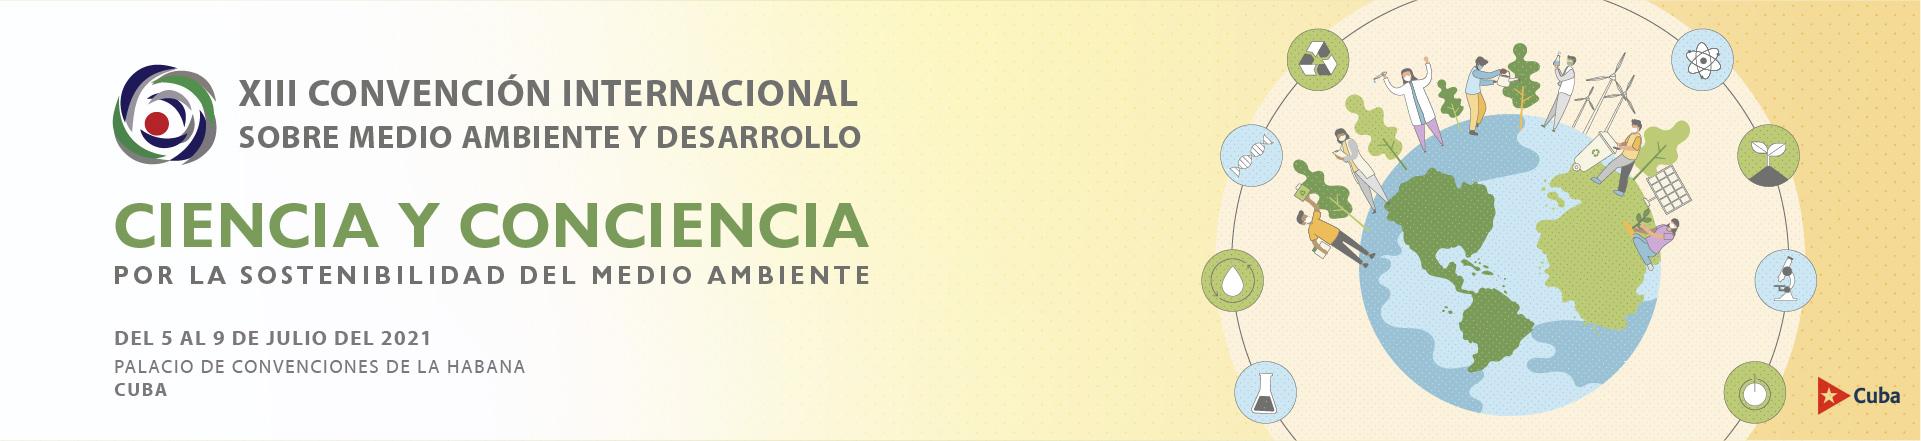 Convocan a la XIII Convención Internacional sobre Ambiente y Desarrollo